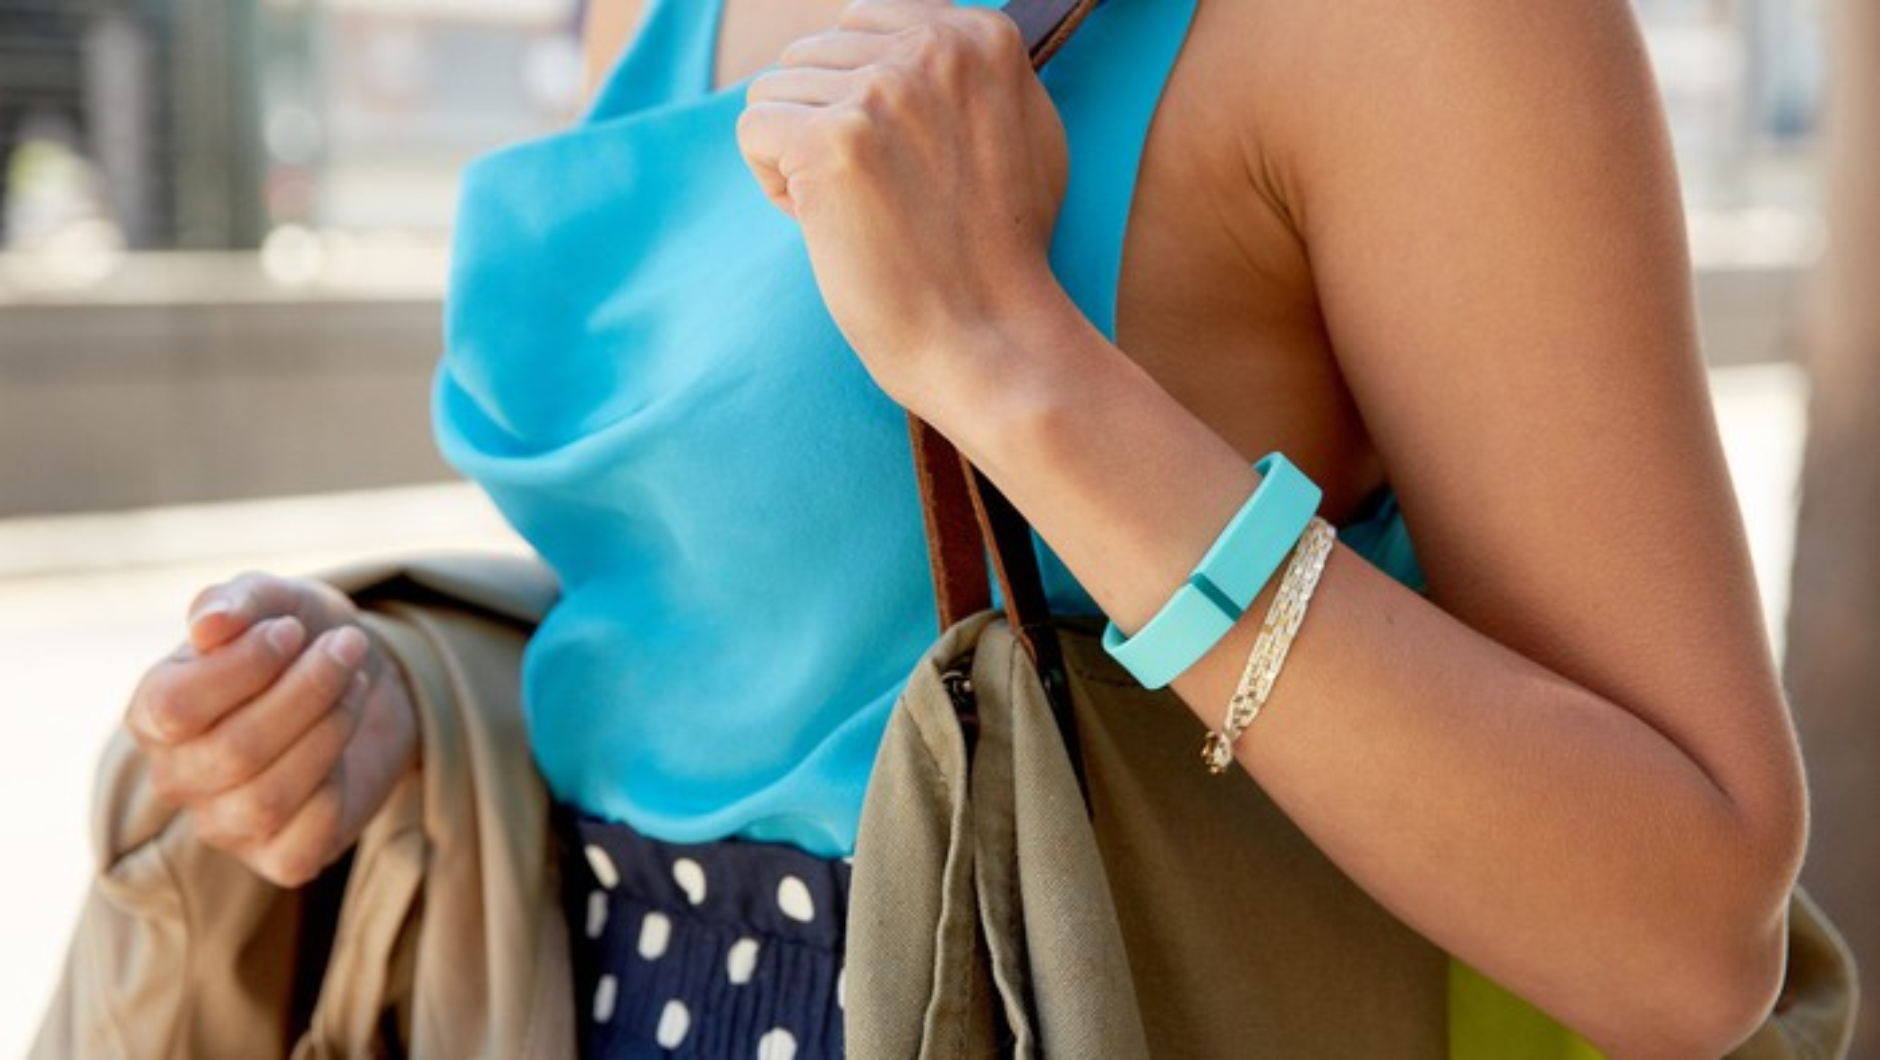 A woman wearing a Fitbit bracelet.